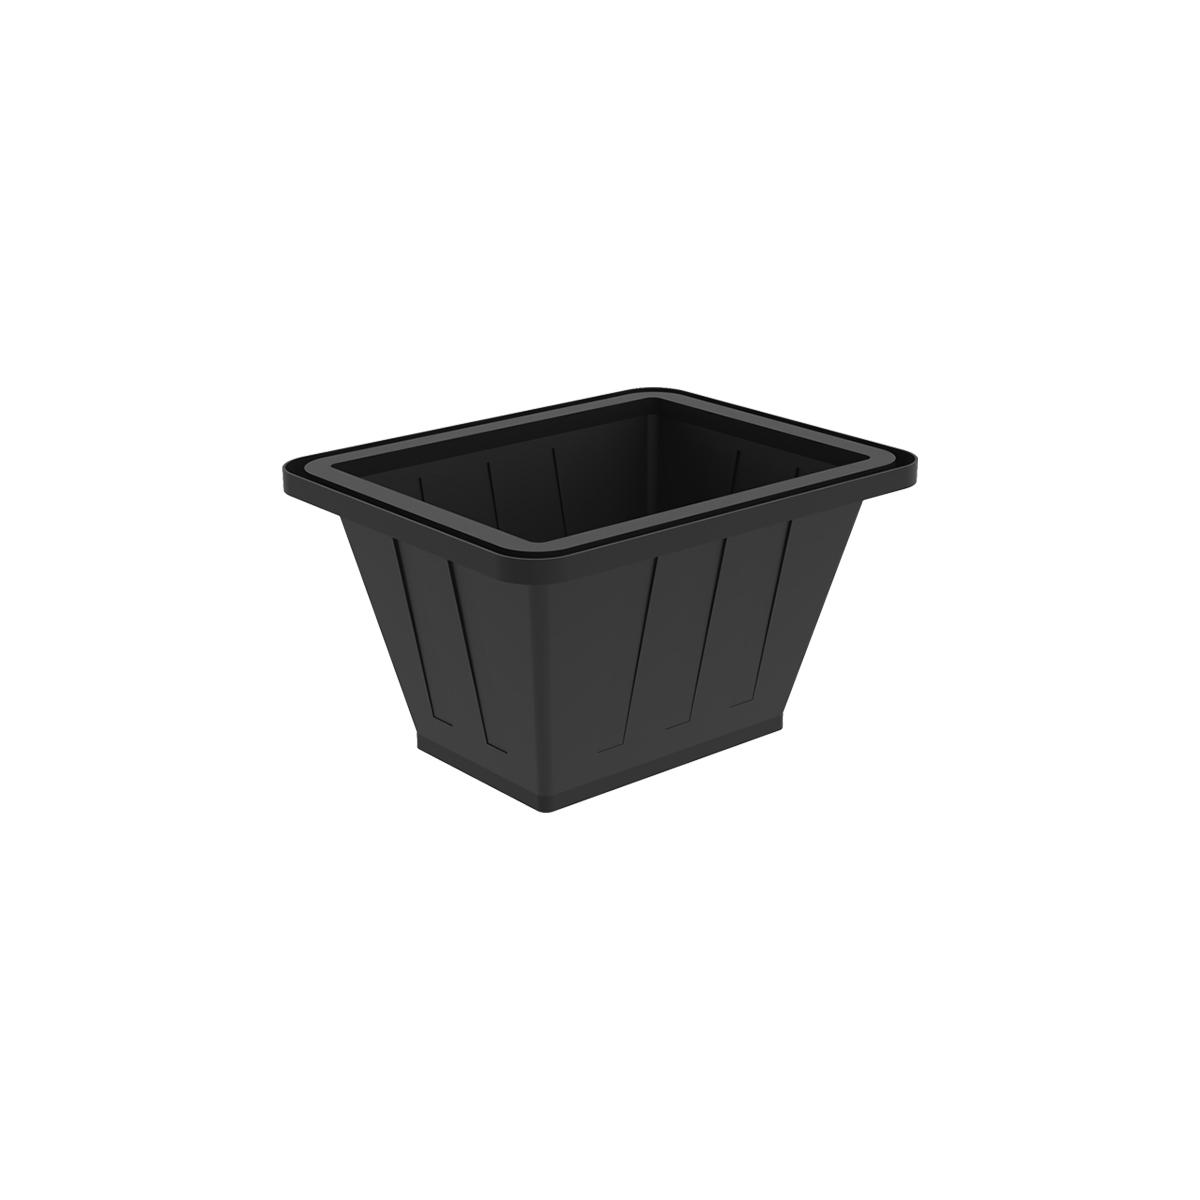 Пластиковая ванна К 200 литров черная